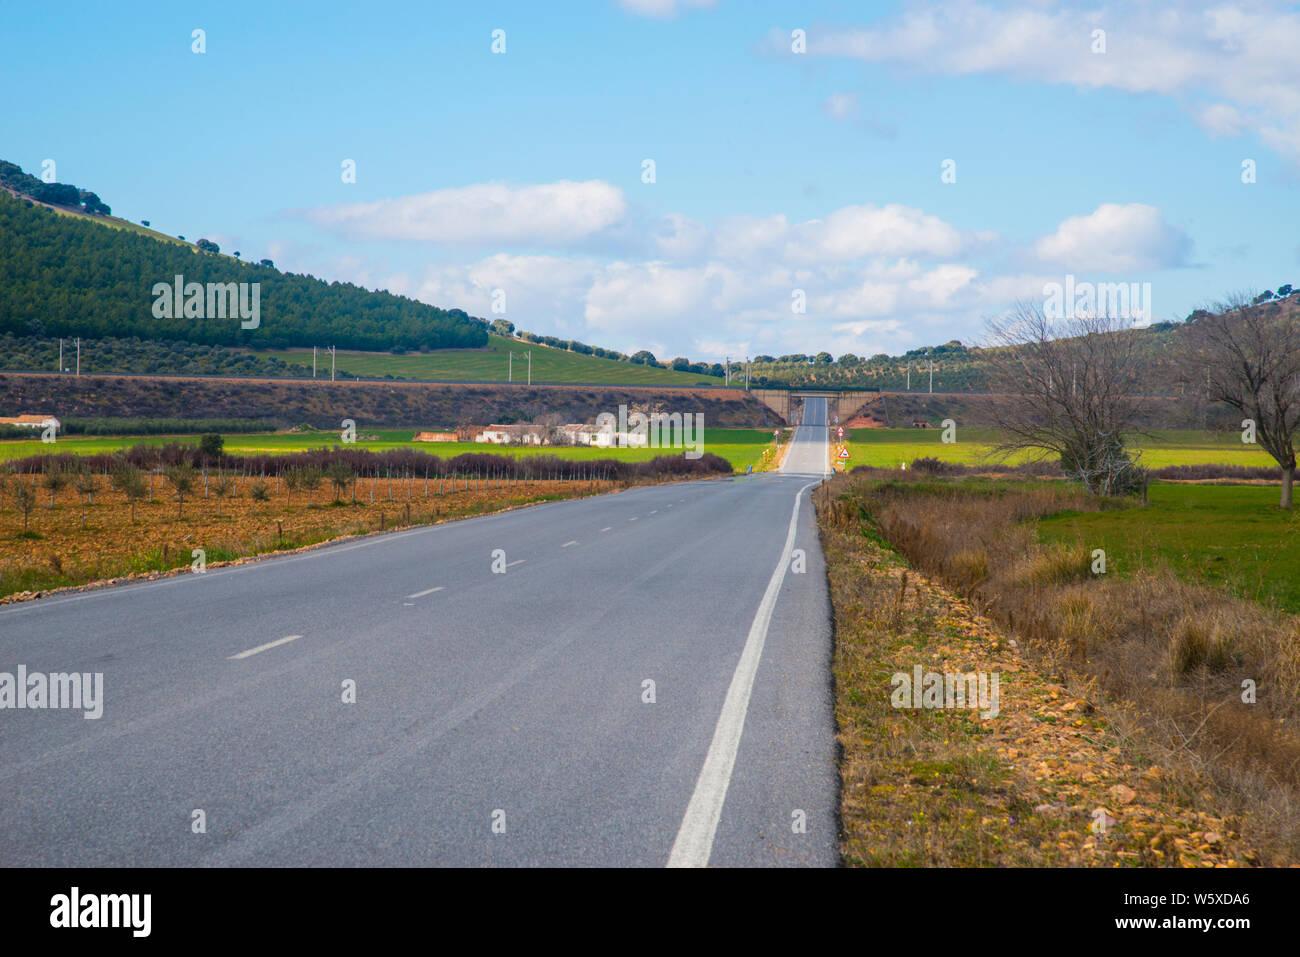 Side road. Fuente El Fresno, Ciudad Real province, Castilla La Mancha, Spain. Stock Photo